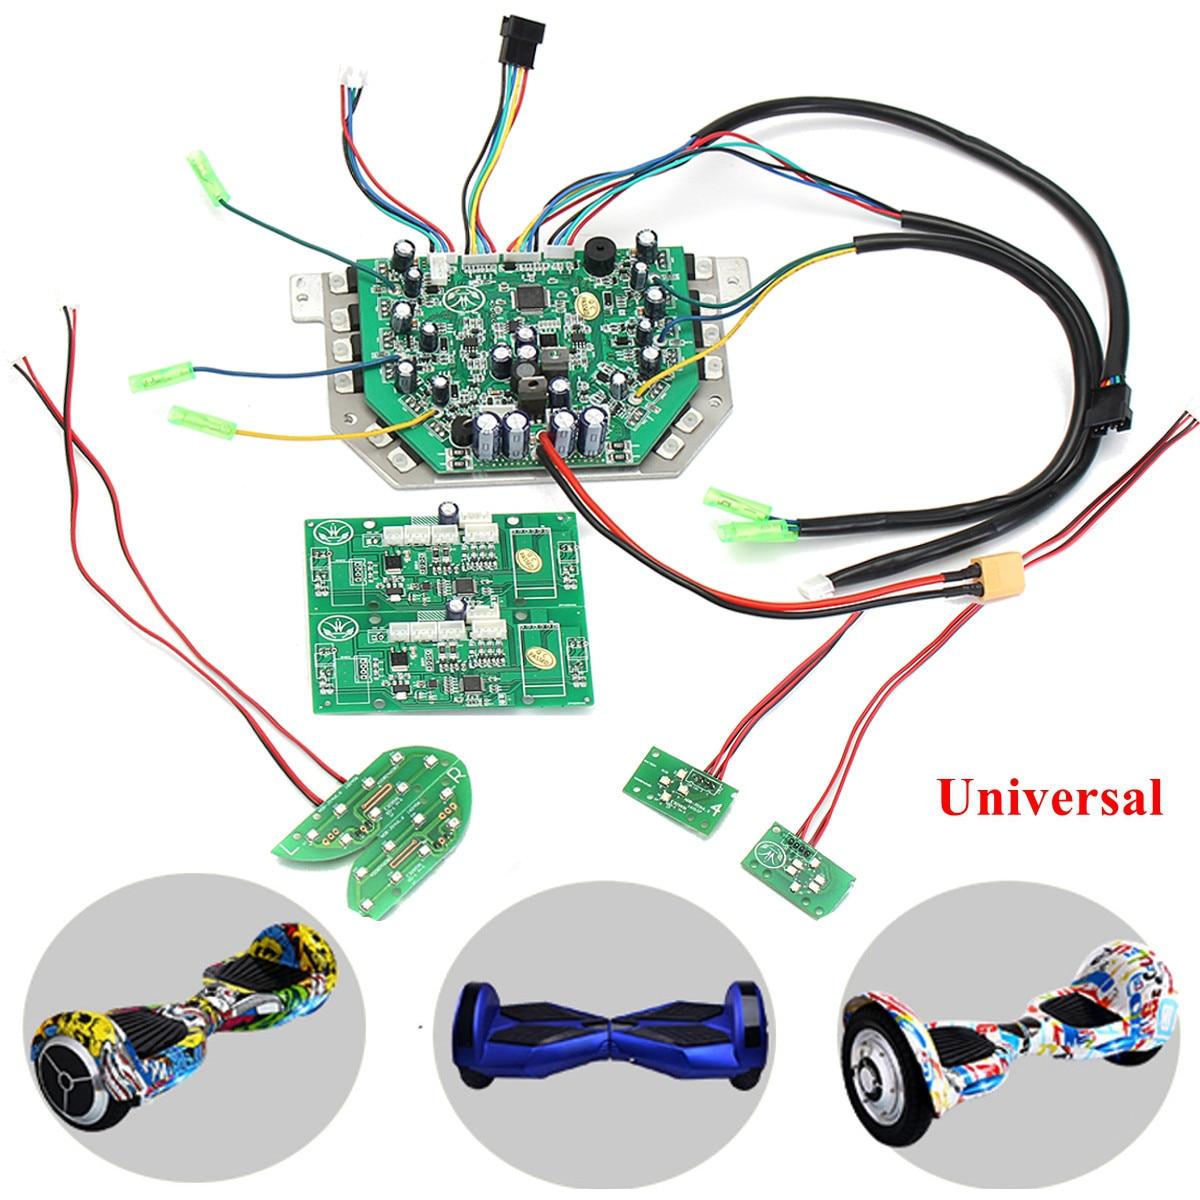 Placa madre de circuito de Control de equilibrio automático para piezas de reparación de Scooter HoverBoard